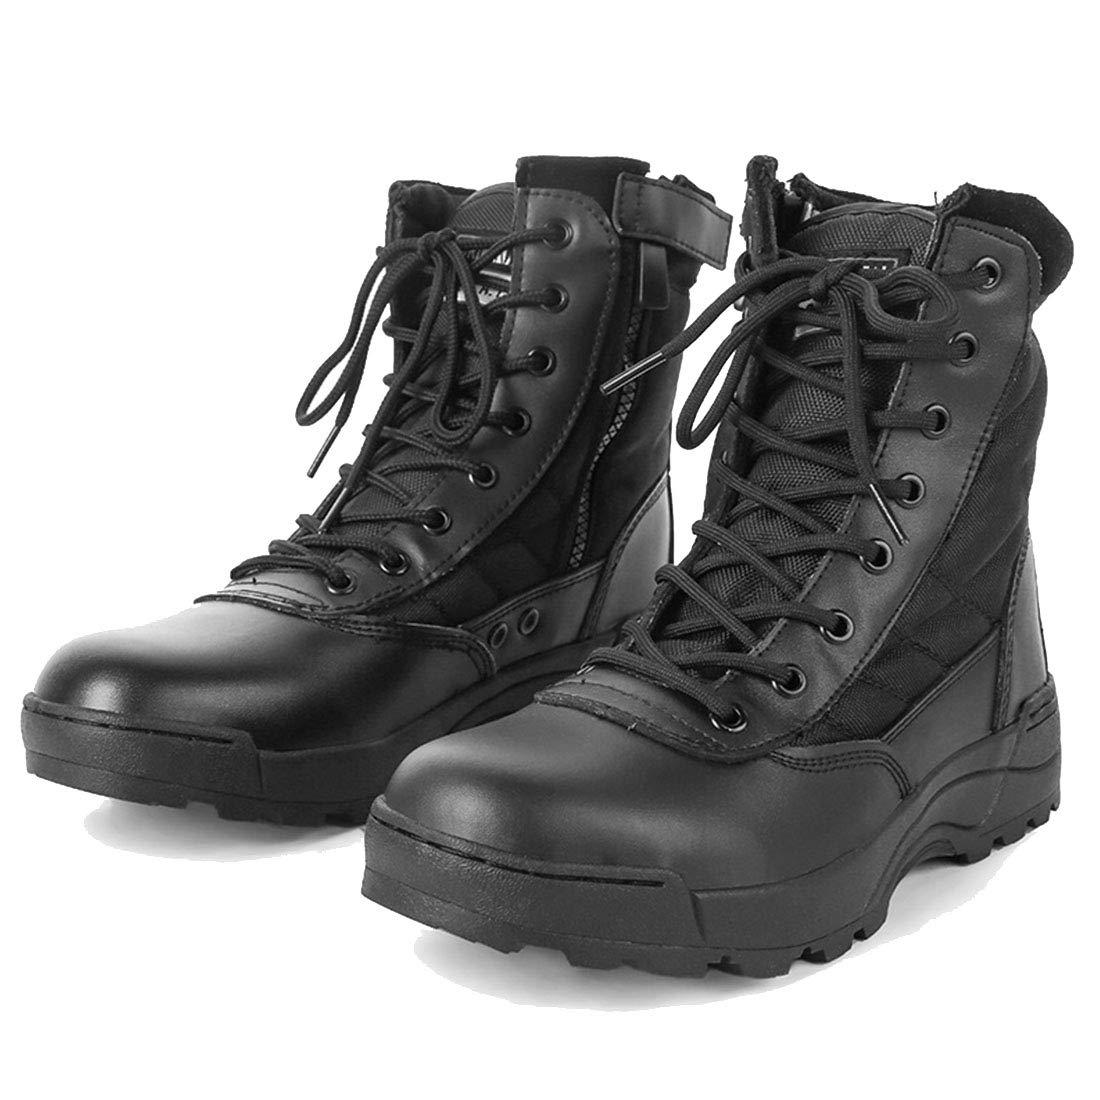 noir 44EU FLYA Chaussures de randonnée pour Hommes avec Bottes de randonnée à glissière pour Toutes Les Saisons, randonnée, randonnée, Camping, randonnée, Cyclisme,noir-43EU